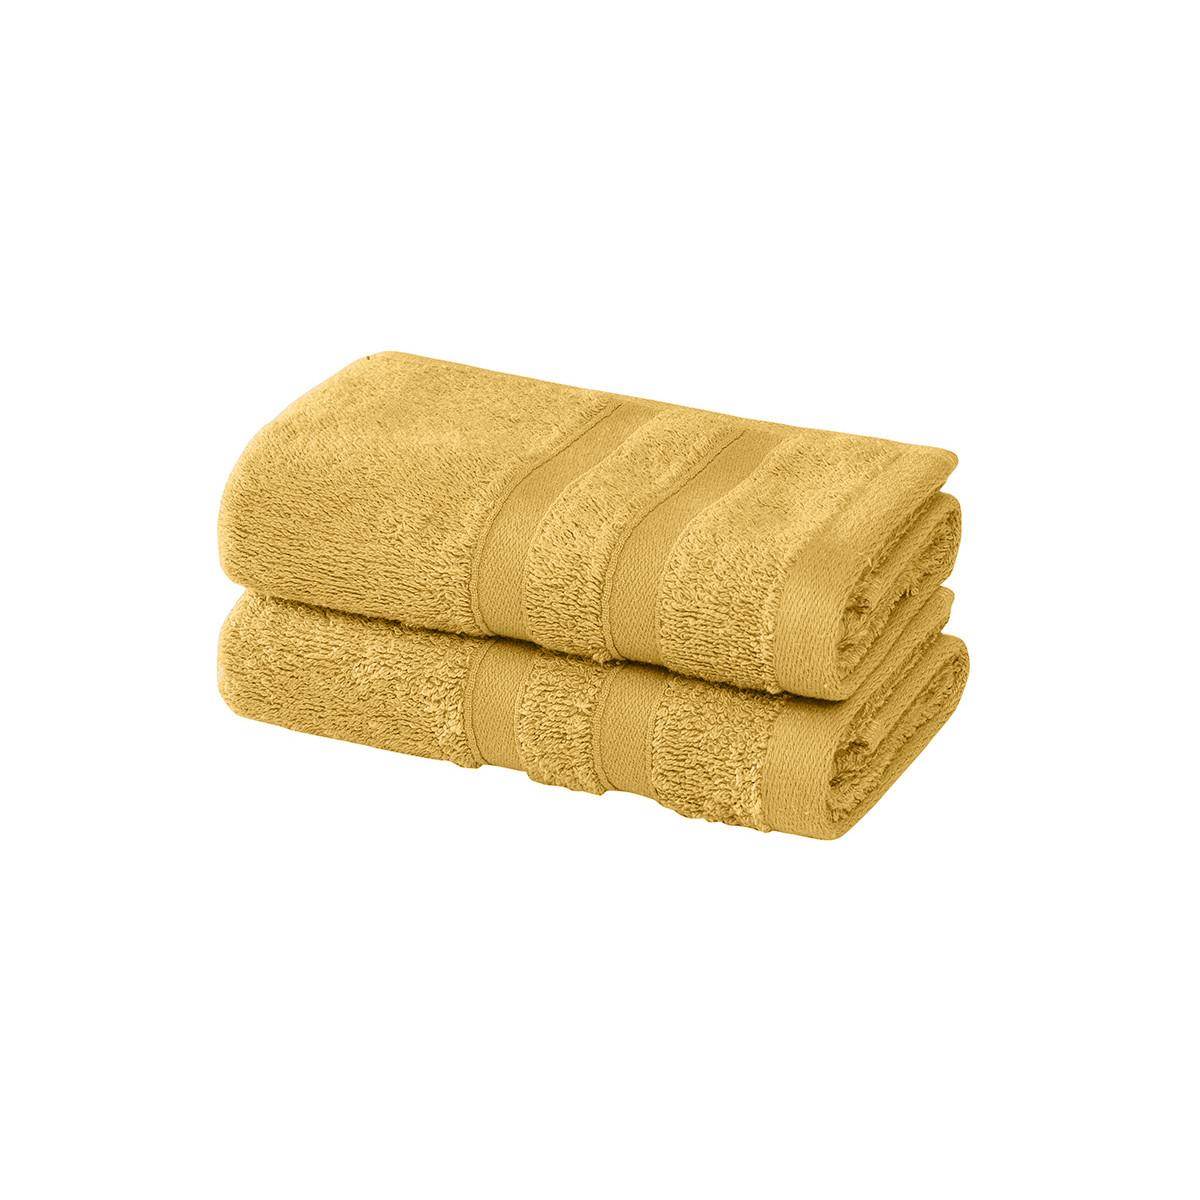 2 serviettes invité en coton bio Miel 30x50 cm